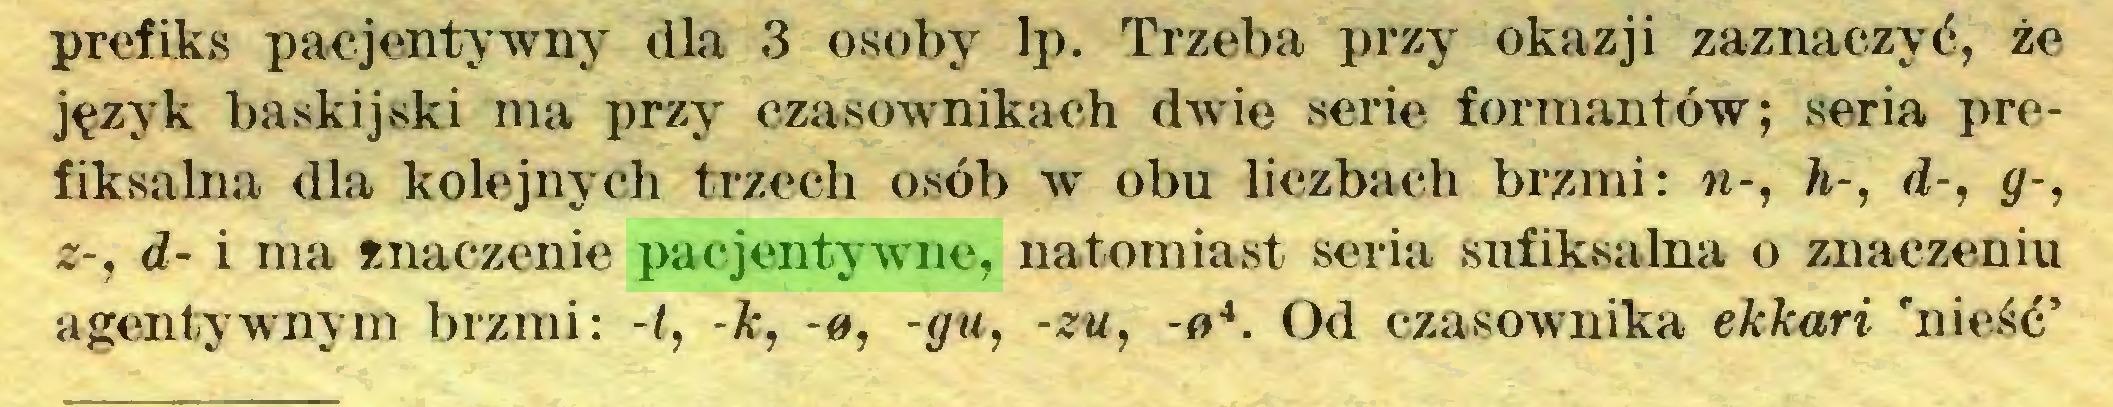 (...) prefiks pacjentywny dla 3 osoby lp. Trzeba przy okazji zaznaczyć, że język baskijski ma przy czasownikach dwie serie formantów; seria prefiksalna dla kolejnych trzech osób w* obu liczbach brzmi: w-, h-, d-, <7-, z-, d- i ma znaczenie pacjentywne, natomiast seria sufiksalna o znaczeniu agentywnym brzmi: -t, -k, -0, -gu, -zu, -04. Od czasownika ekkari 'nieść'...